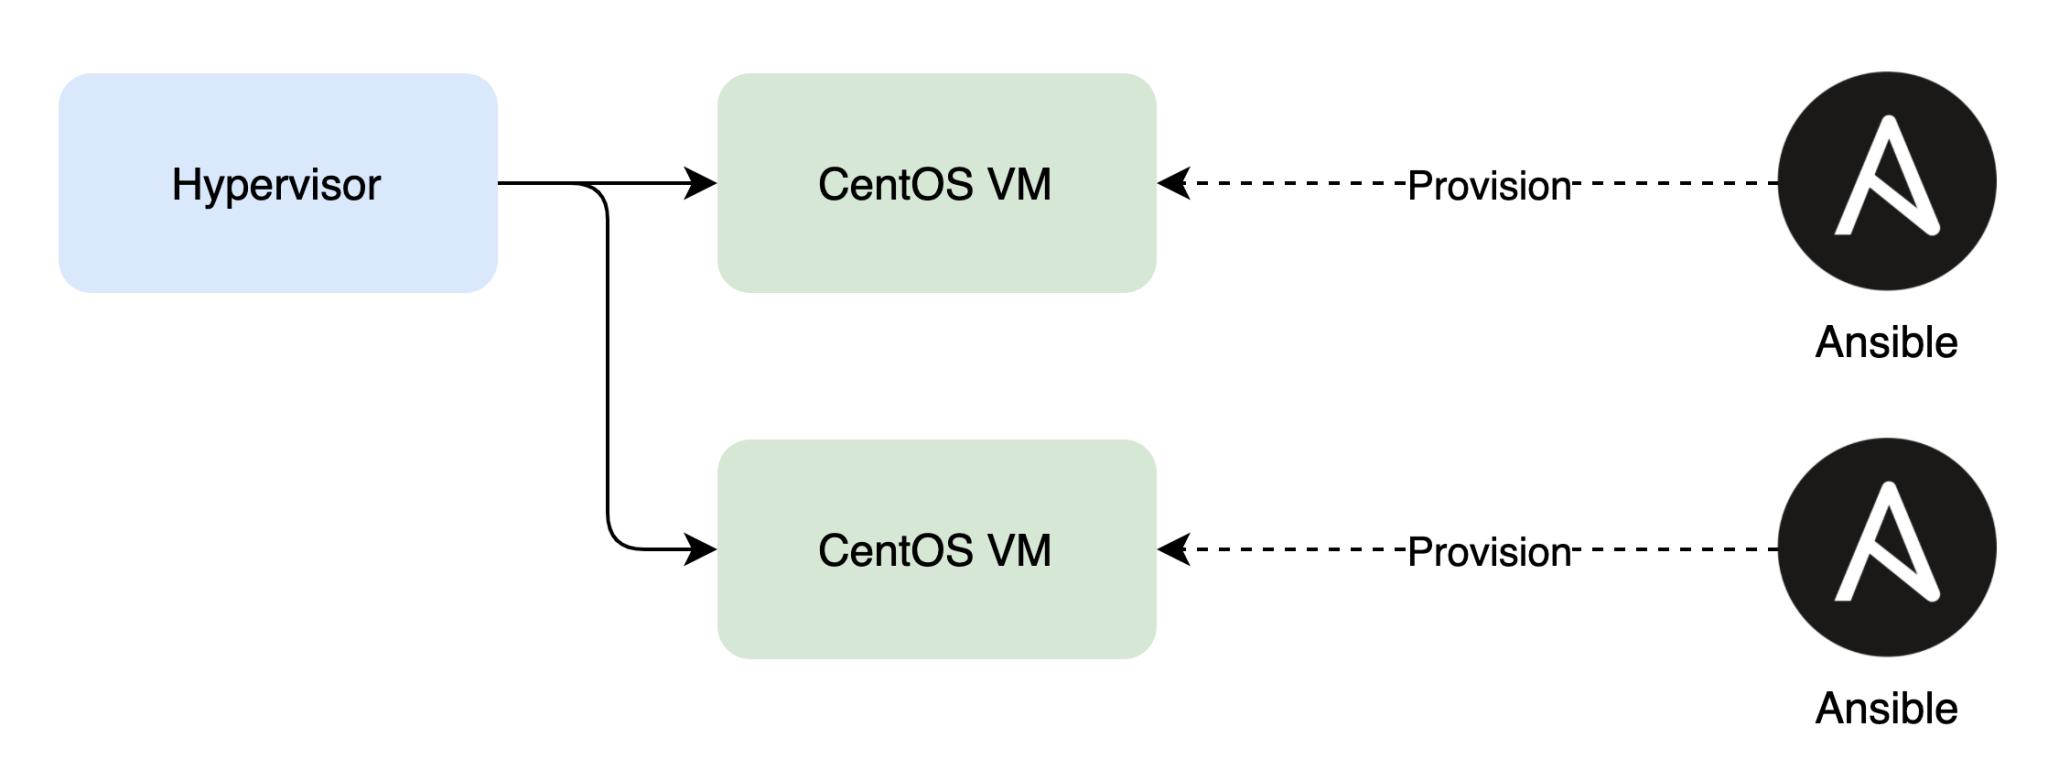 setting up nodes